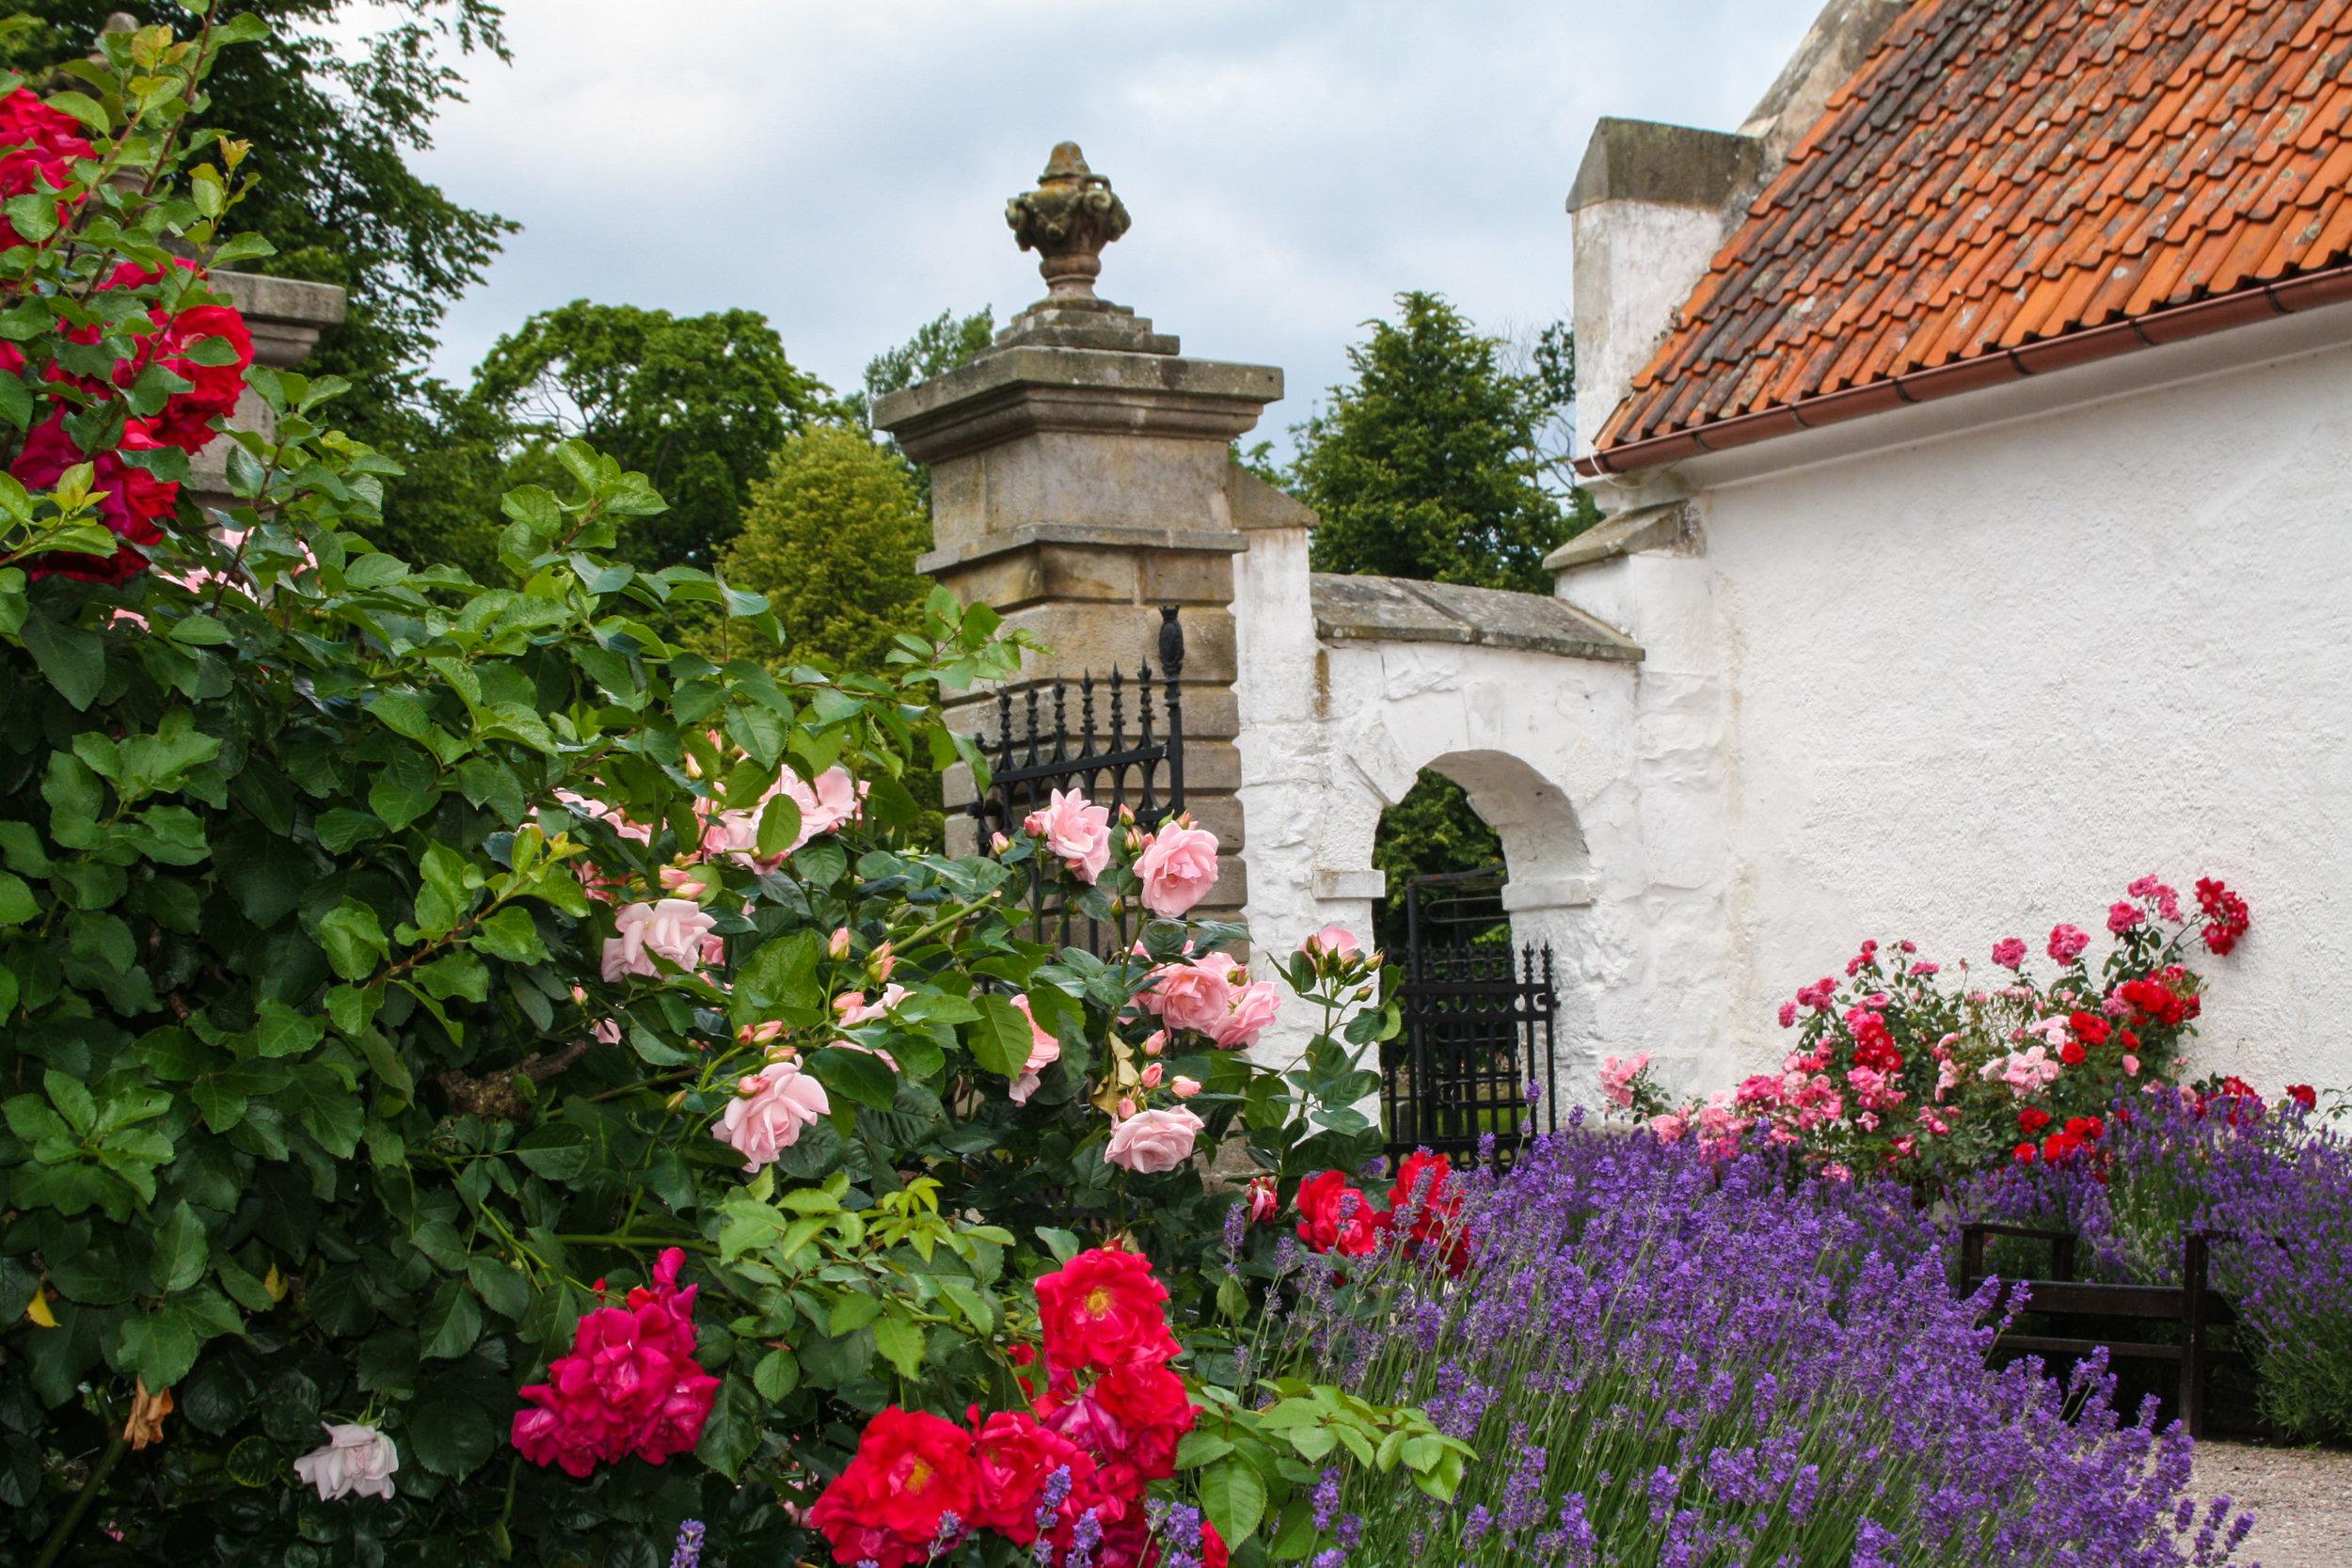 På Borggården blommar rosor och hortensior omgärdade av buxbomshäckar.